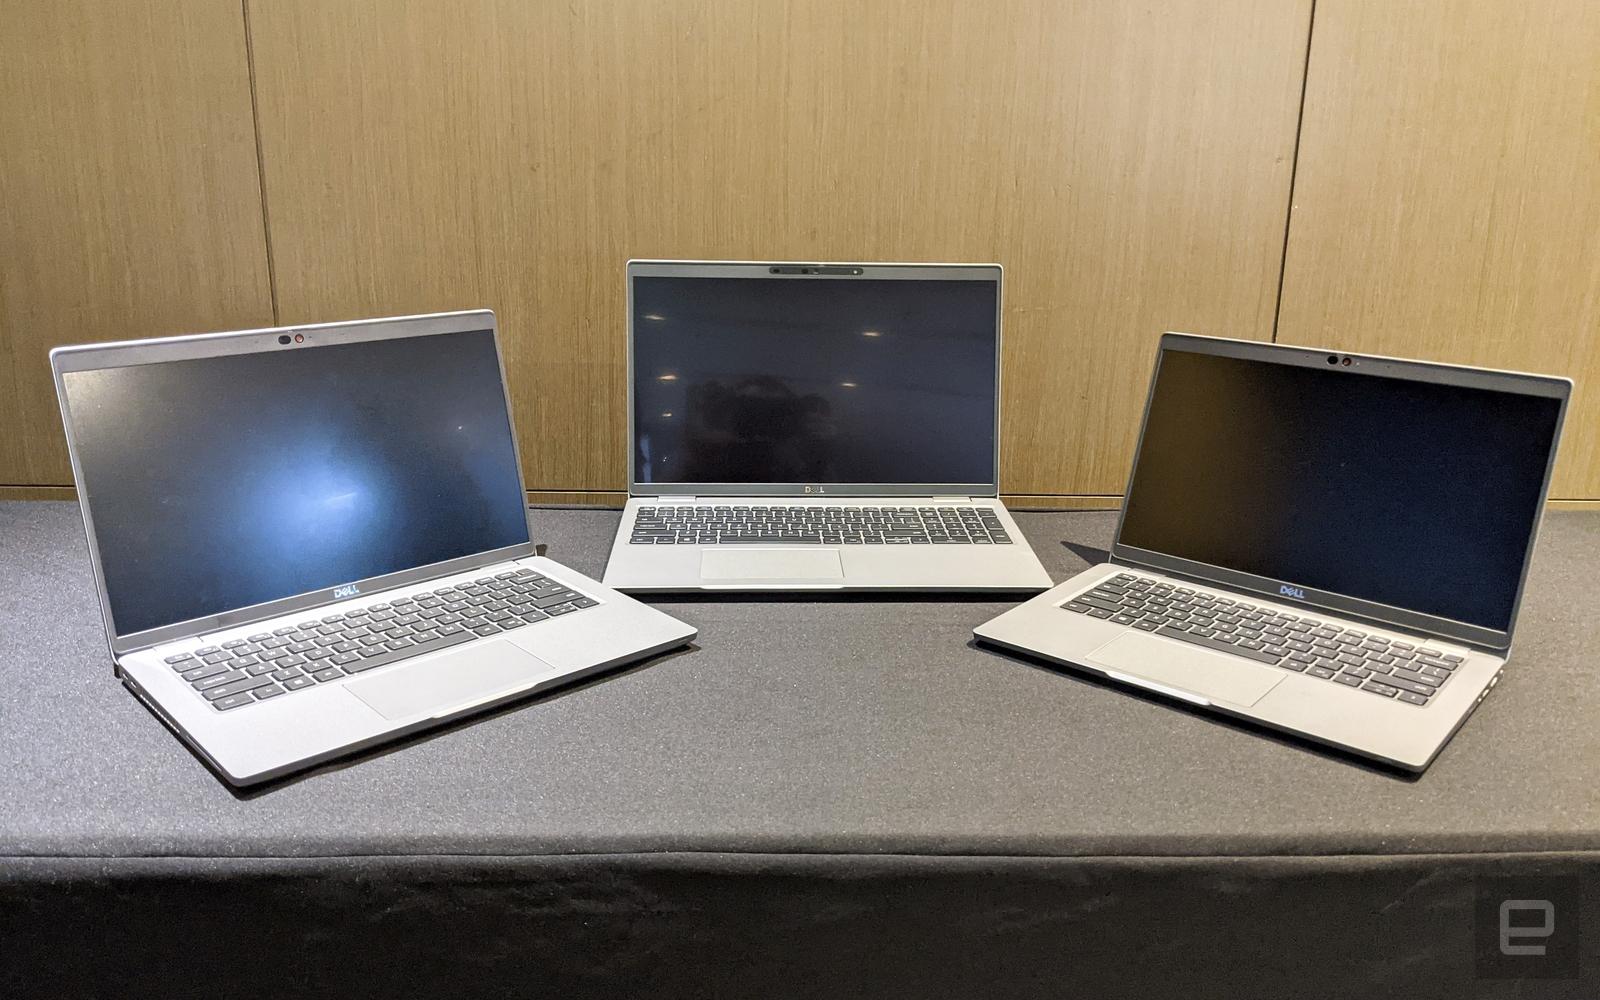 Dell Latitude 5000 series